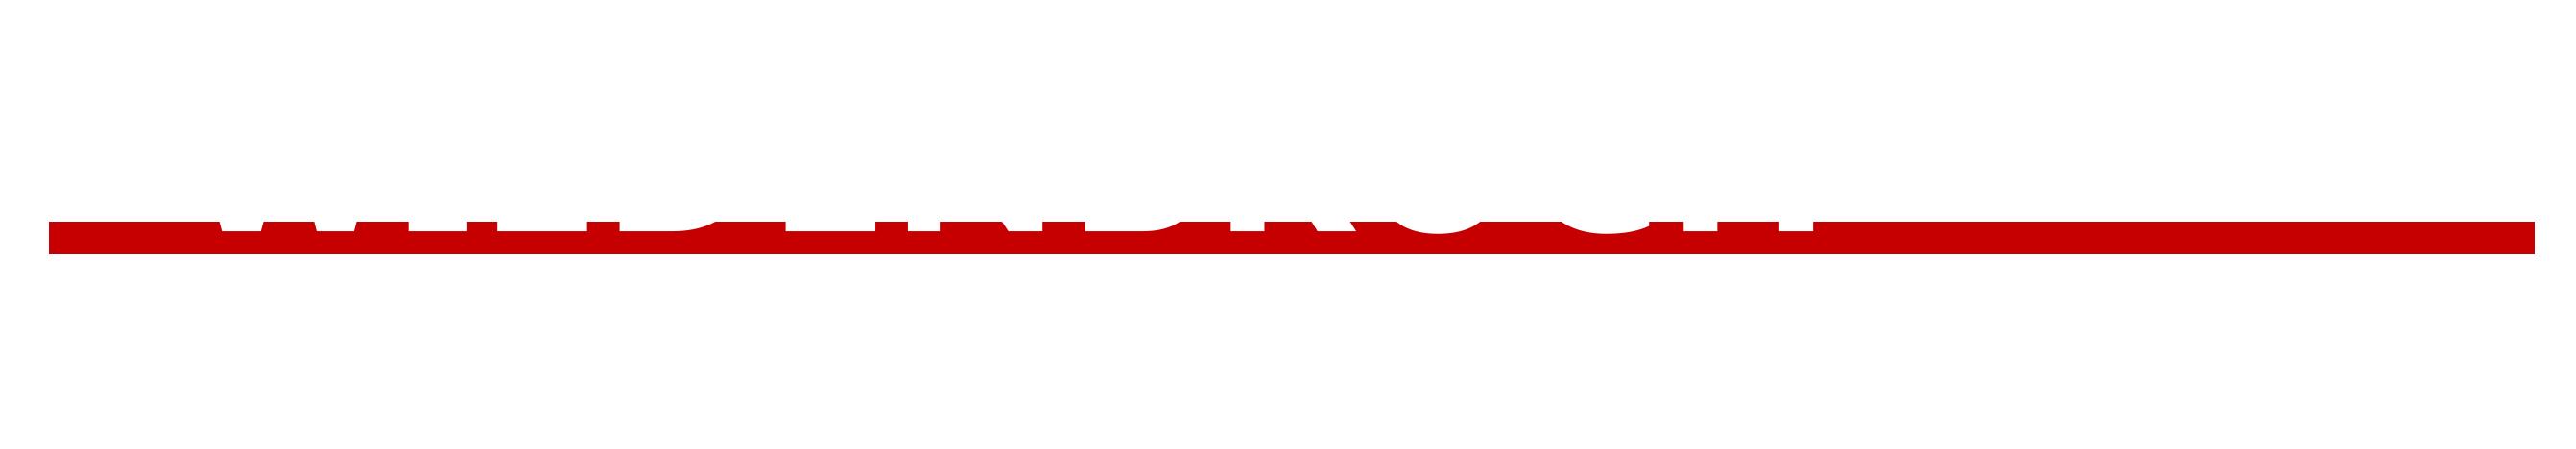 Wiedenbruch Diamanttrenntechnik